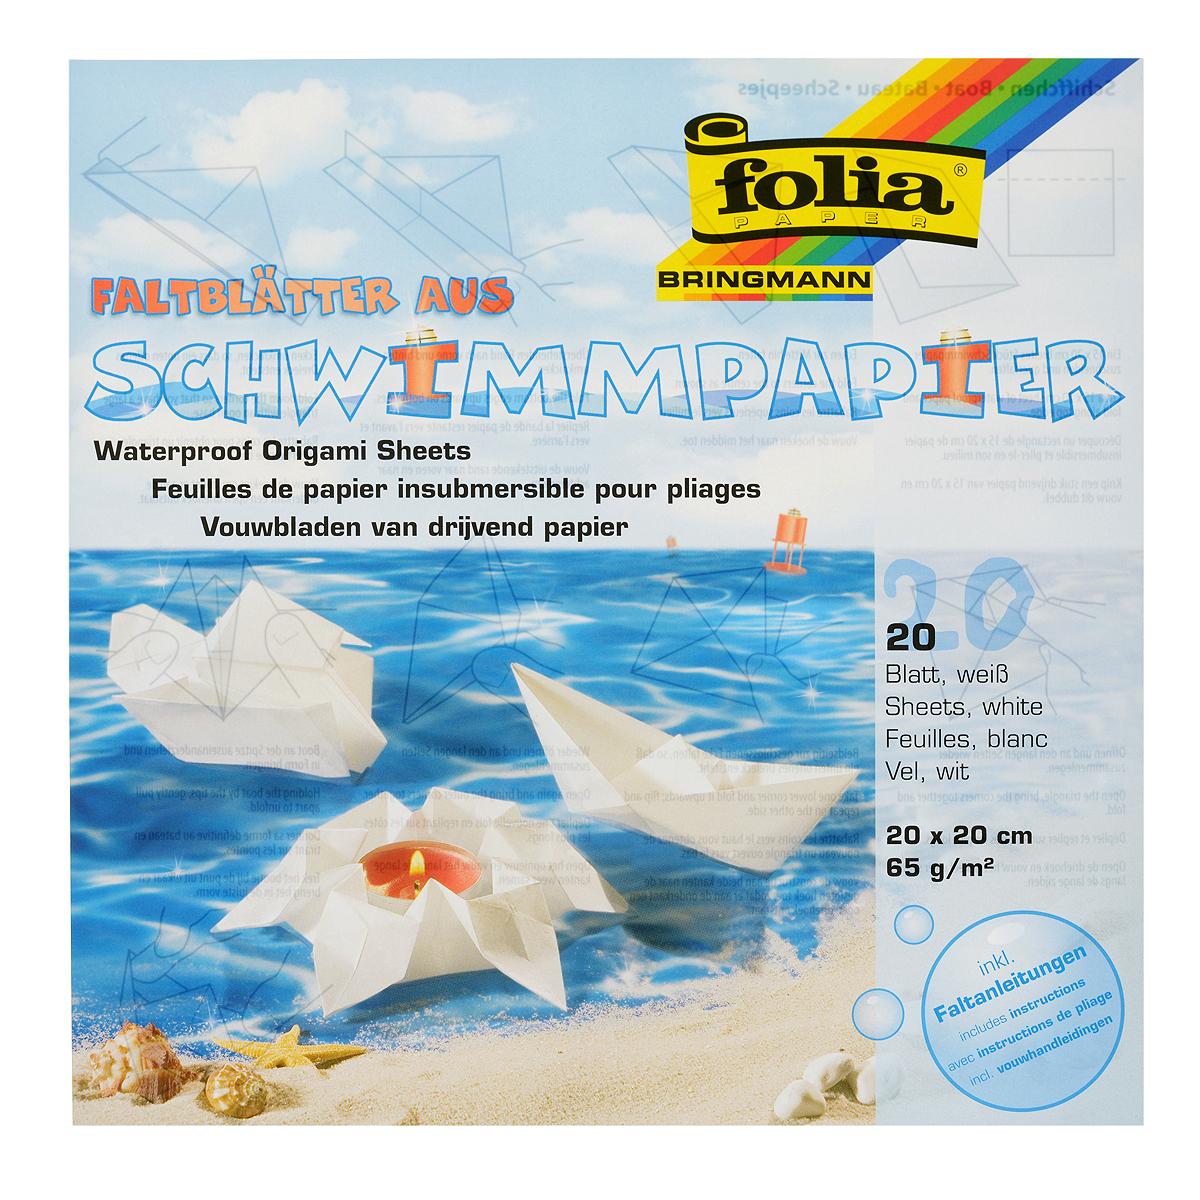 Бумага для оригами Folia, водоустойчивая, цвет: белый, 20 см х 20 см, 20 листов7708014Набор специальной водоустойчивой бумаги для оригами Folia содержит 20 однотонных листов, которые помогут вам и вашему ребенку сделать разнообразные фигурки, которые смогут плавать по воде. Бумага прекрасно складывается, кроме того, ее можно раскрасить. При многоразовом сгибании листа на бумаге не появляются трещины, так как она обладает очень высоким качеством. Бумага хорошо комбинируется с цветным картоном. За свою многовековую историю оригами прошло путь от храмовых обрядов до искусства, дарящего радость и красоту миллионам людей во всем мире. Складывание и художественное оформление фигурок оригами интересно заполнят свободное время, доставят огромное удовольствие, радость и взрослым и детям. Увлекательные занятия оригами развивают мелкую моторику рук, воображение, мышление, воспитывают волевые качества и совершенствуют художественный вкус ребенка. Плотность бумаги: 65 г/м2. Размер листа: 20 см х 20 см.